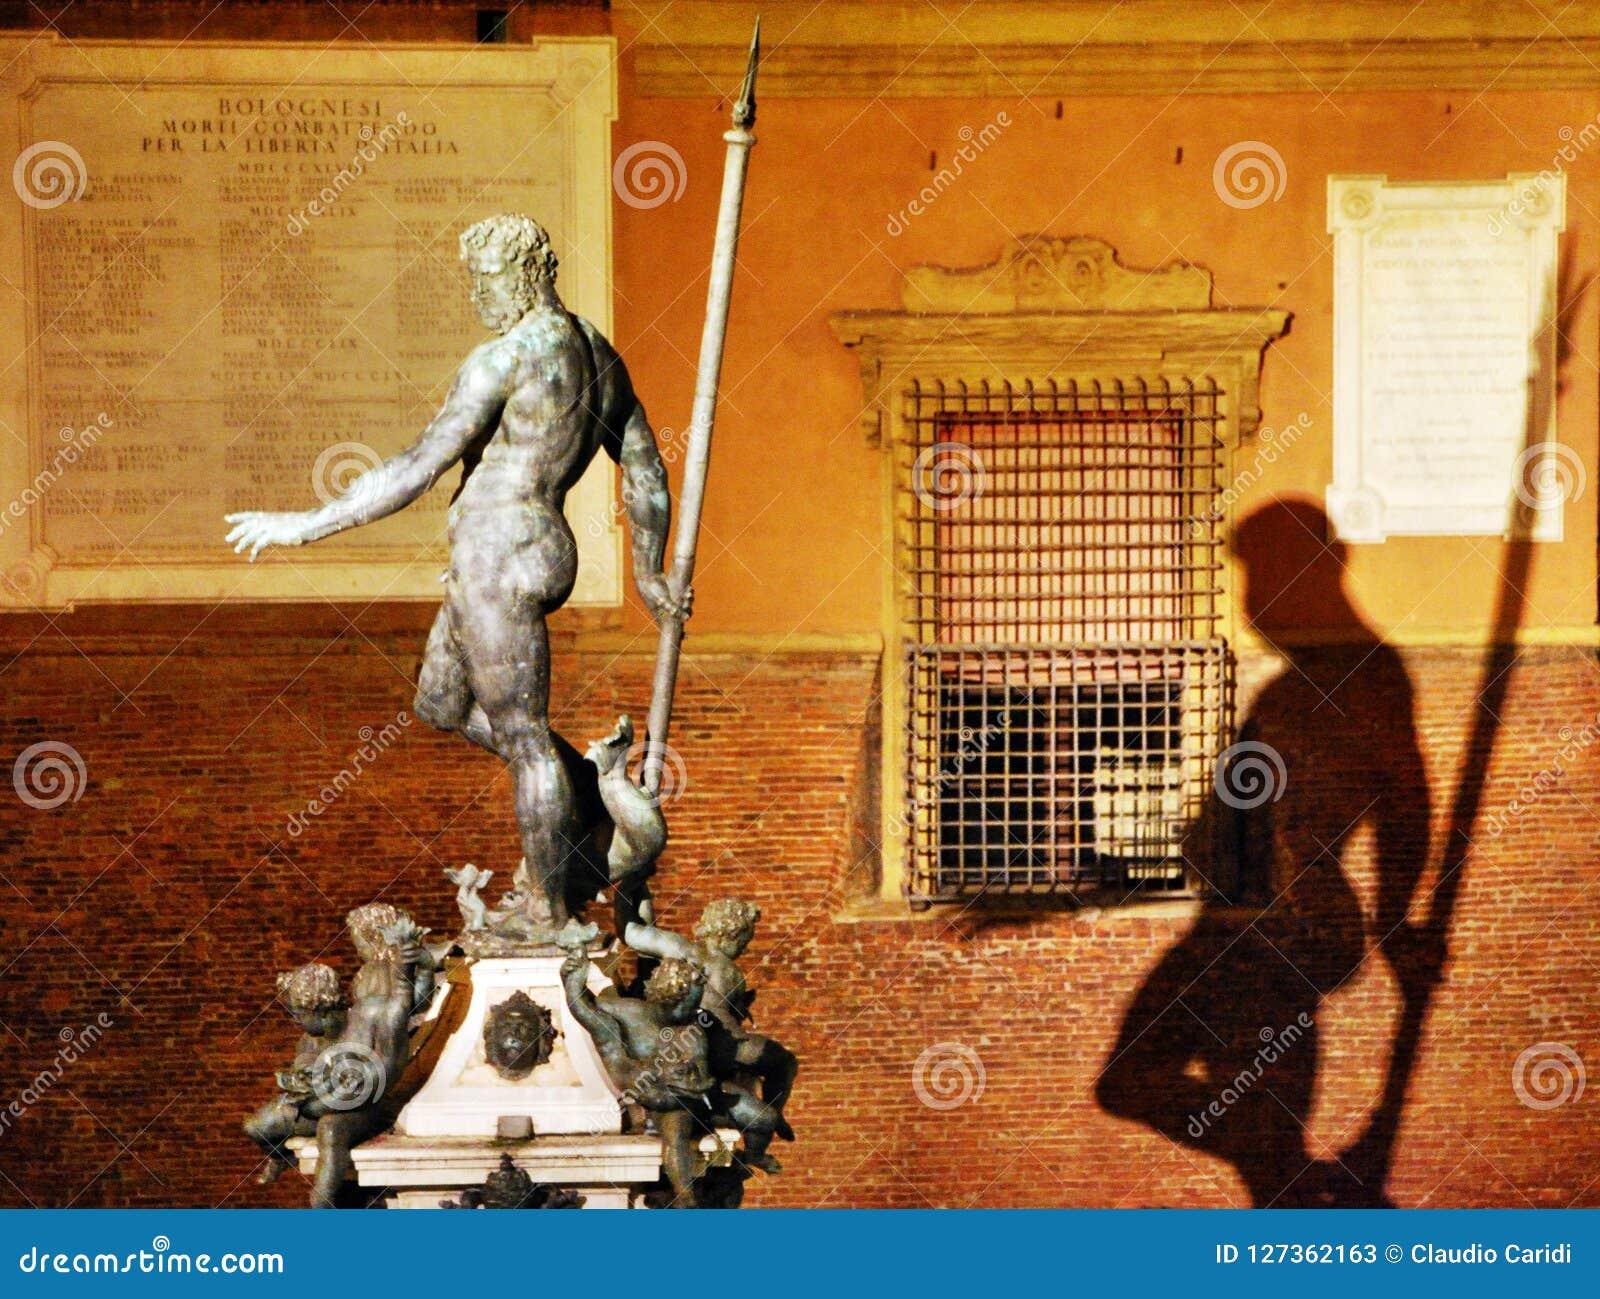 The Neptune Statue